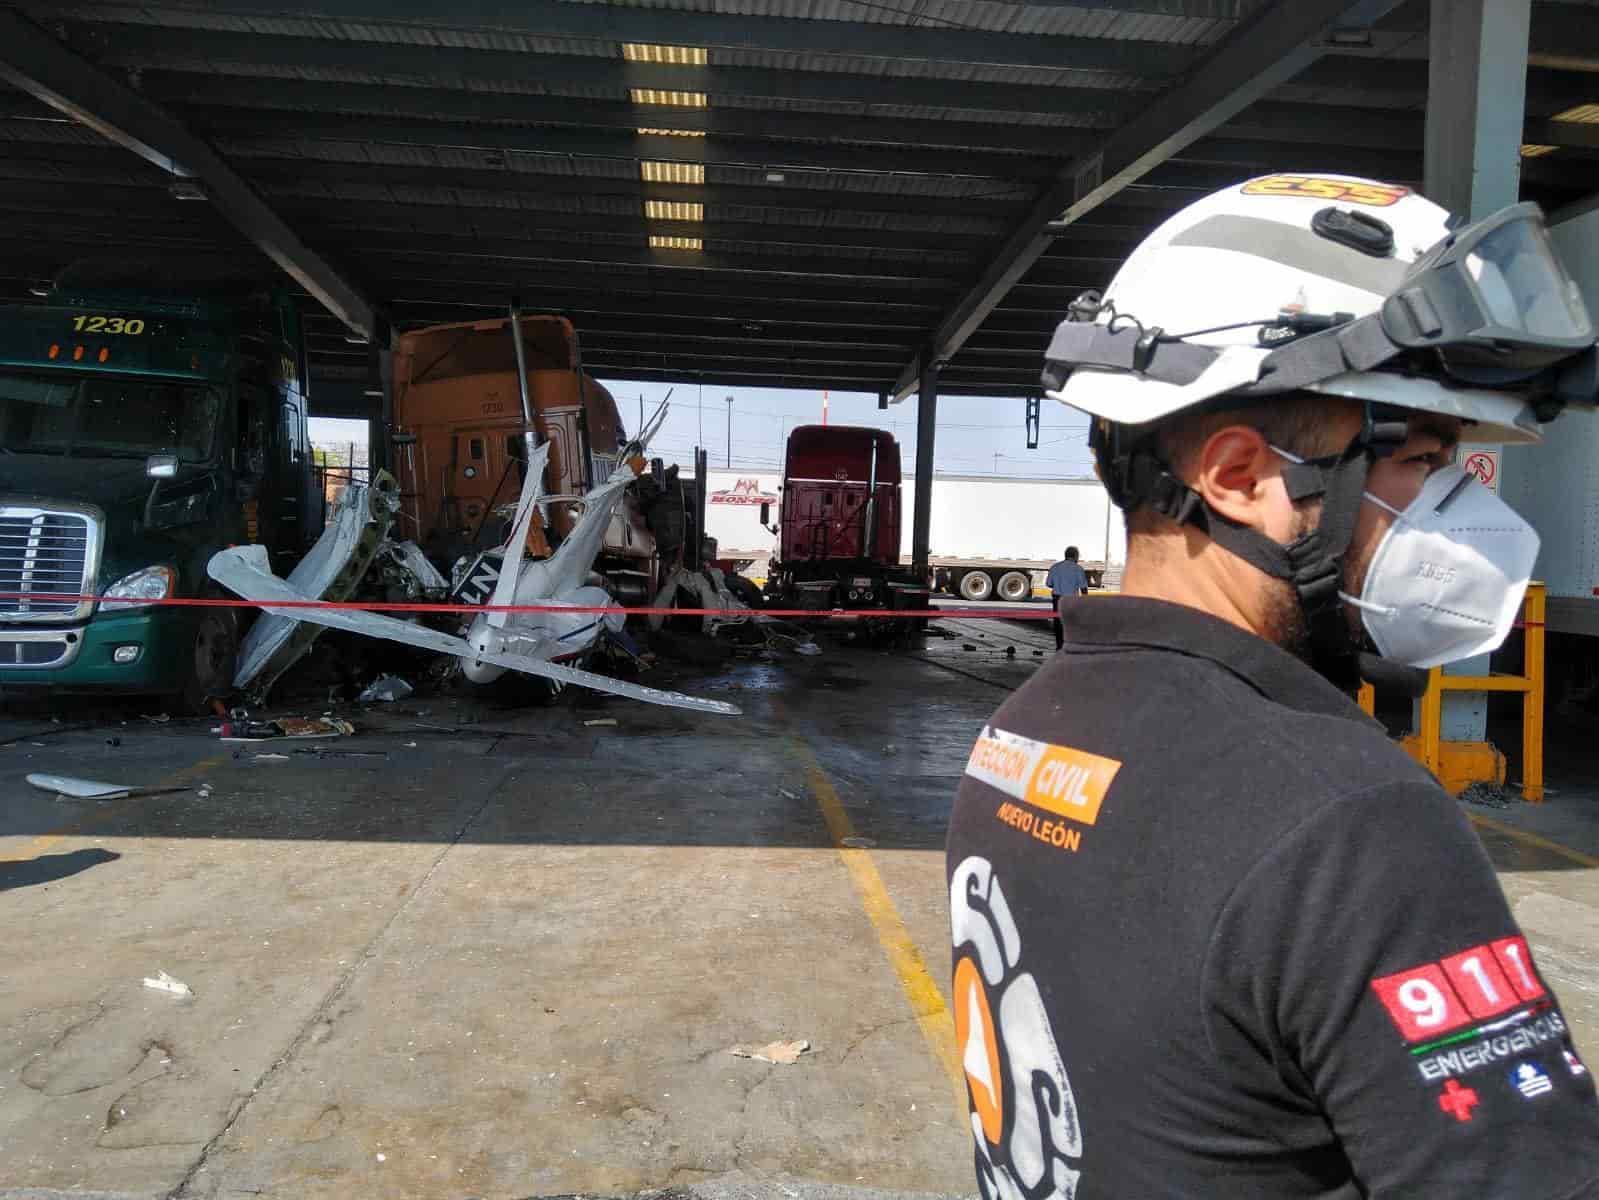 Iniciaron la investigación para esclarecer las causas que originaron el desplome de la avioneta